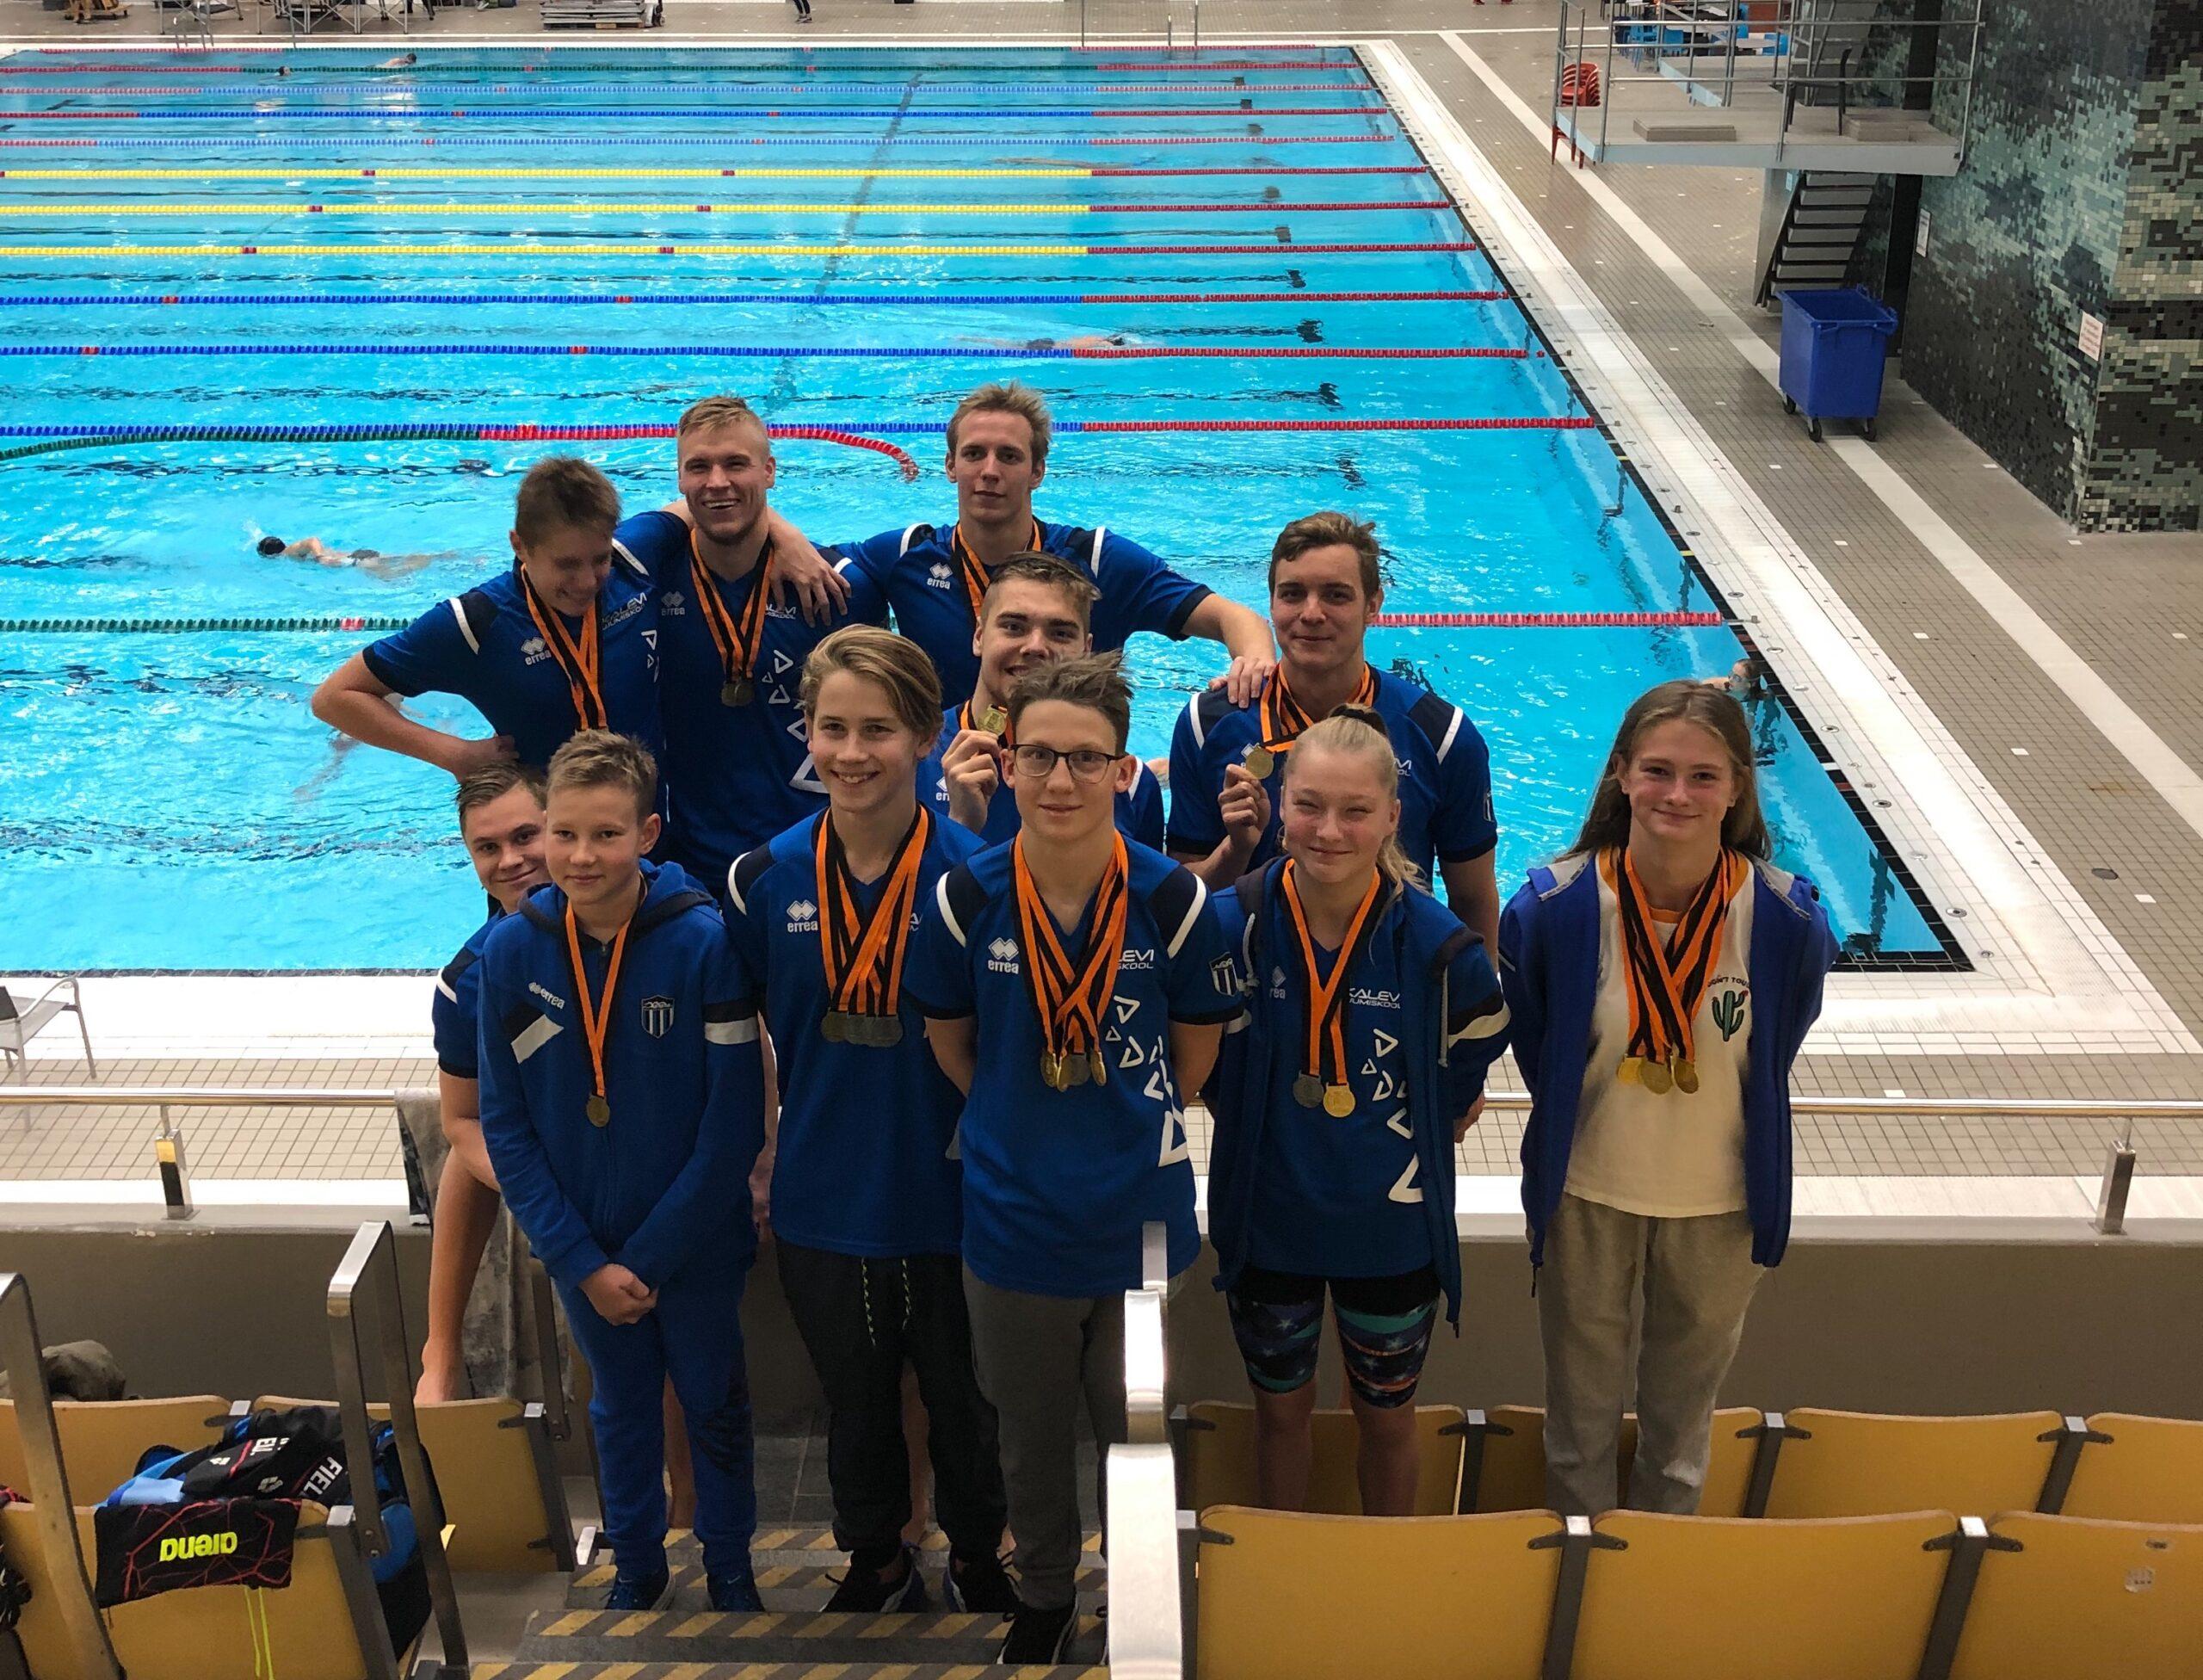 43 MEDALIT! Korralik medalisadu ligi 1000 ujujaga võistlusel Stockholmis